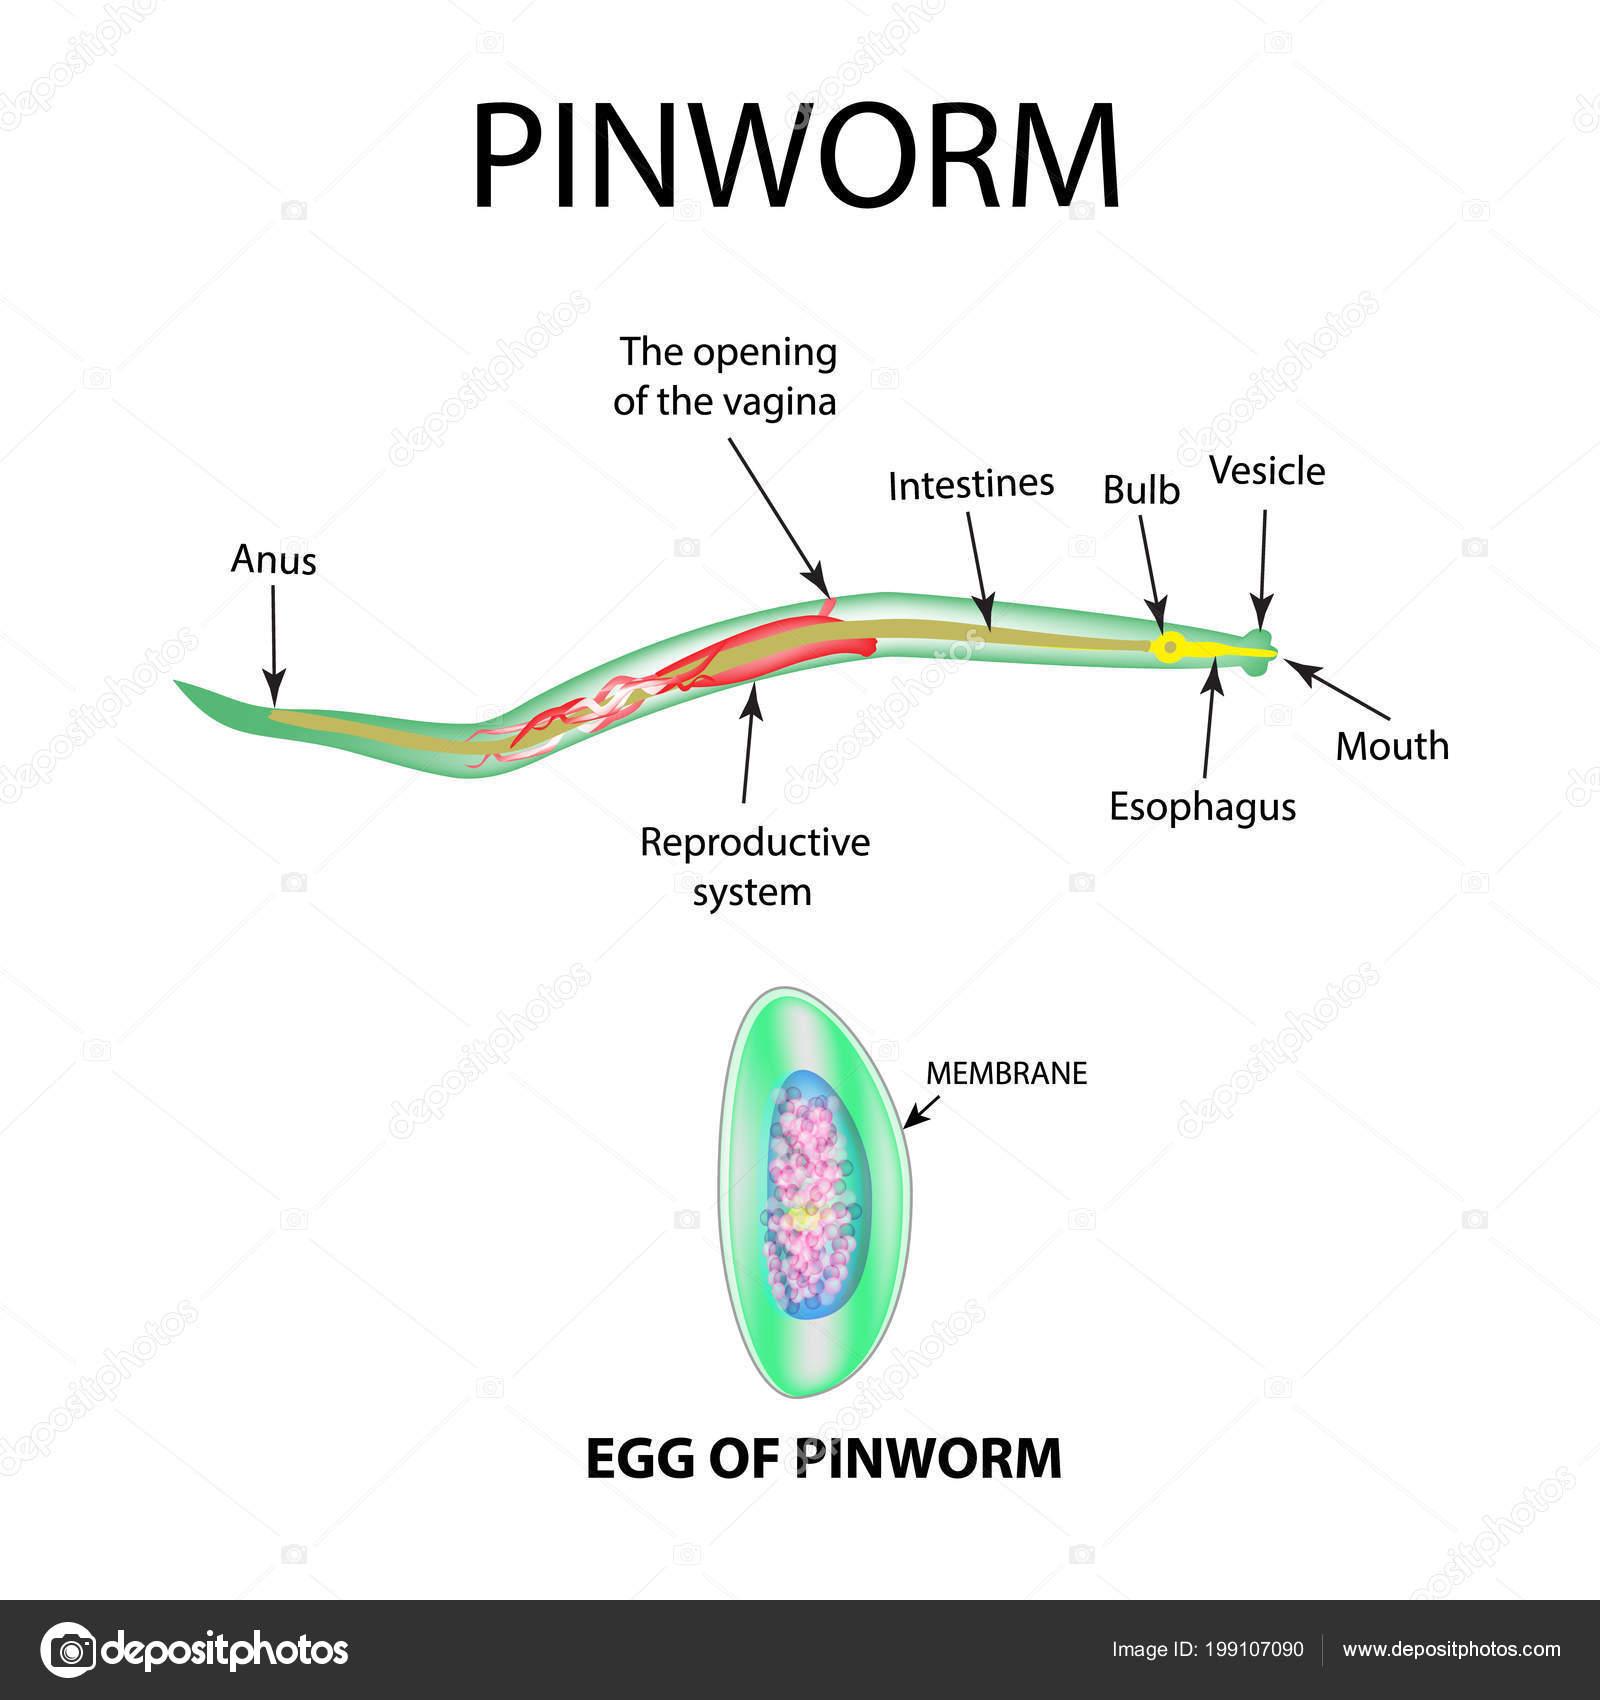 Felnőtt, pinworm. Viszonoz, szakasz, kereszt, ábra, pinworms, kettőspont, emberi, 3.